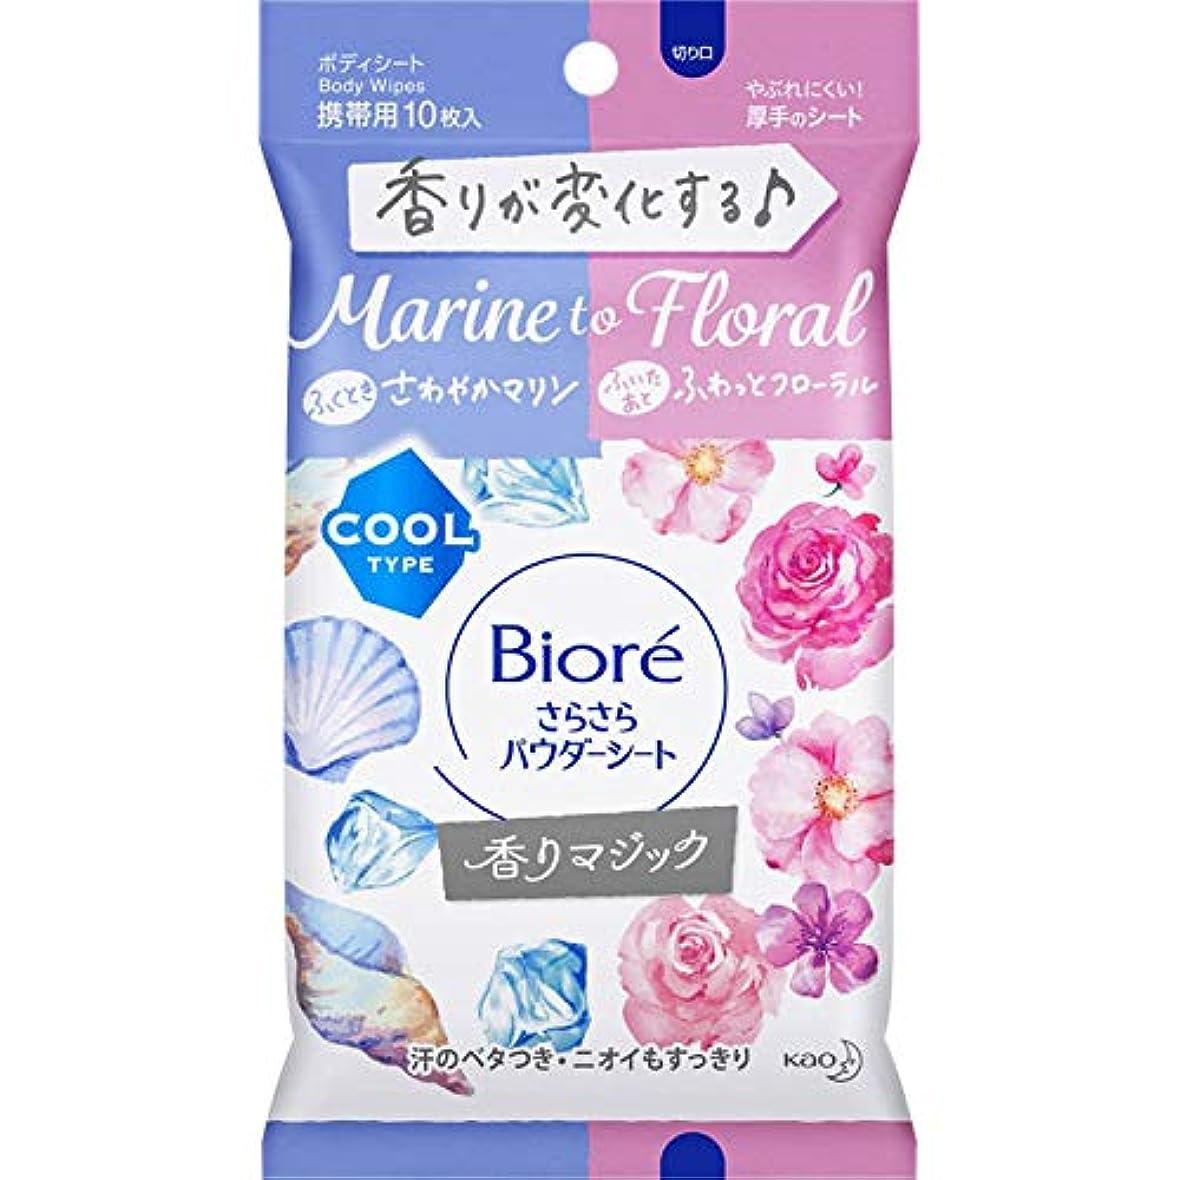 付添人学習者建築花王 ビオレ さらさらパウダーシート マリンtoフローラルの香り 携帯用 10枚